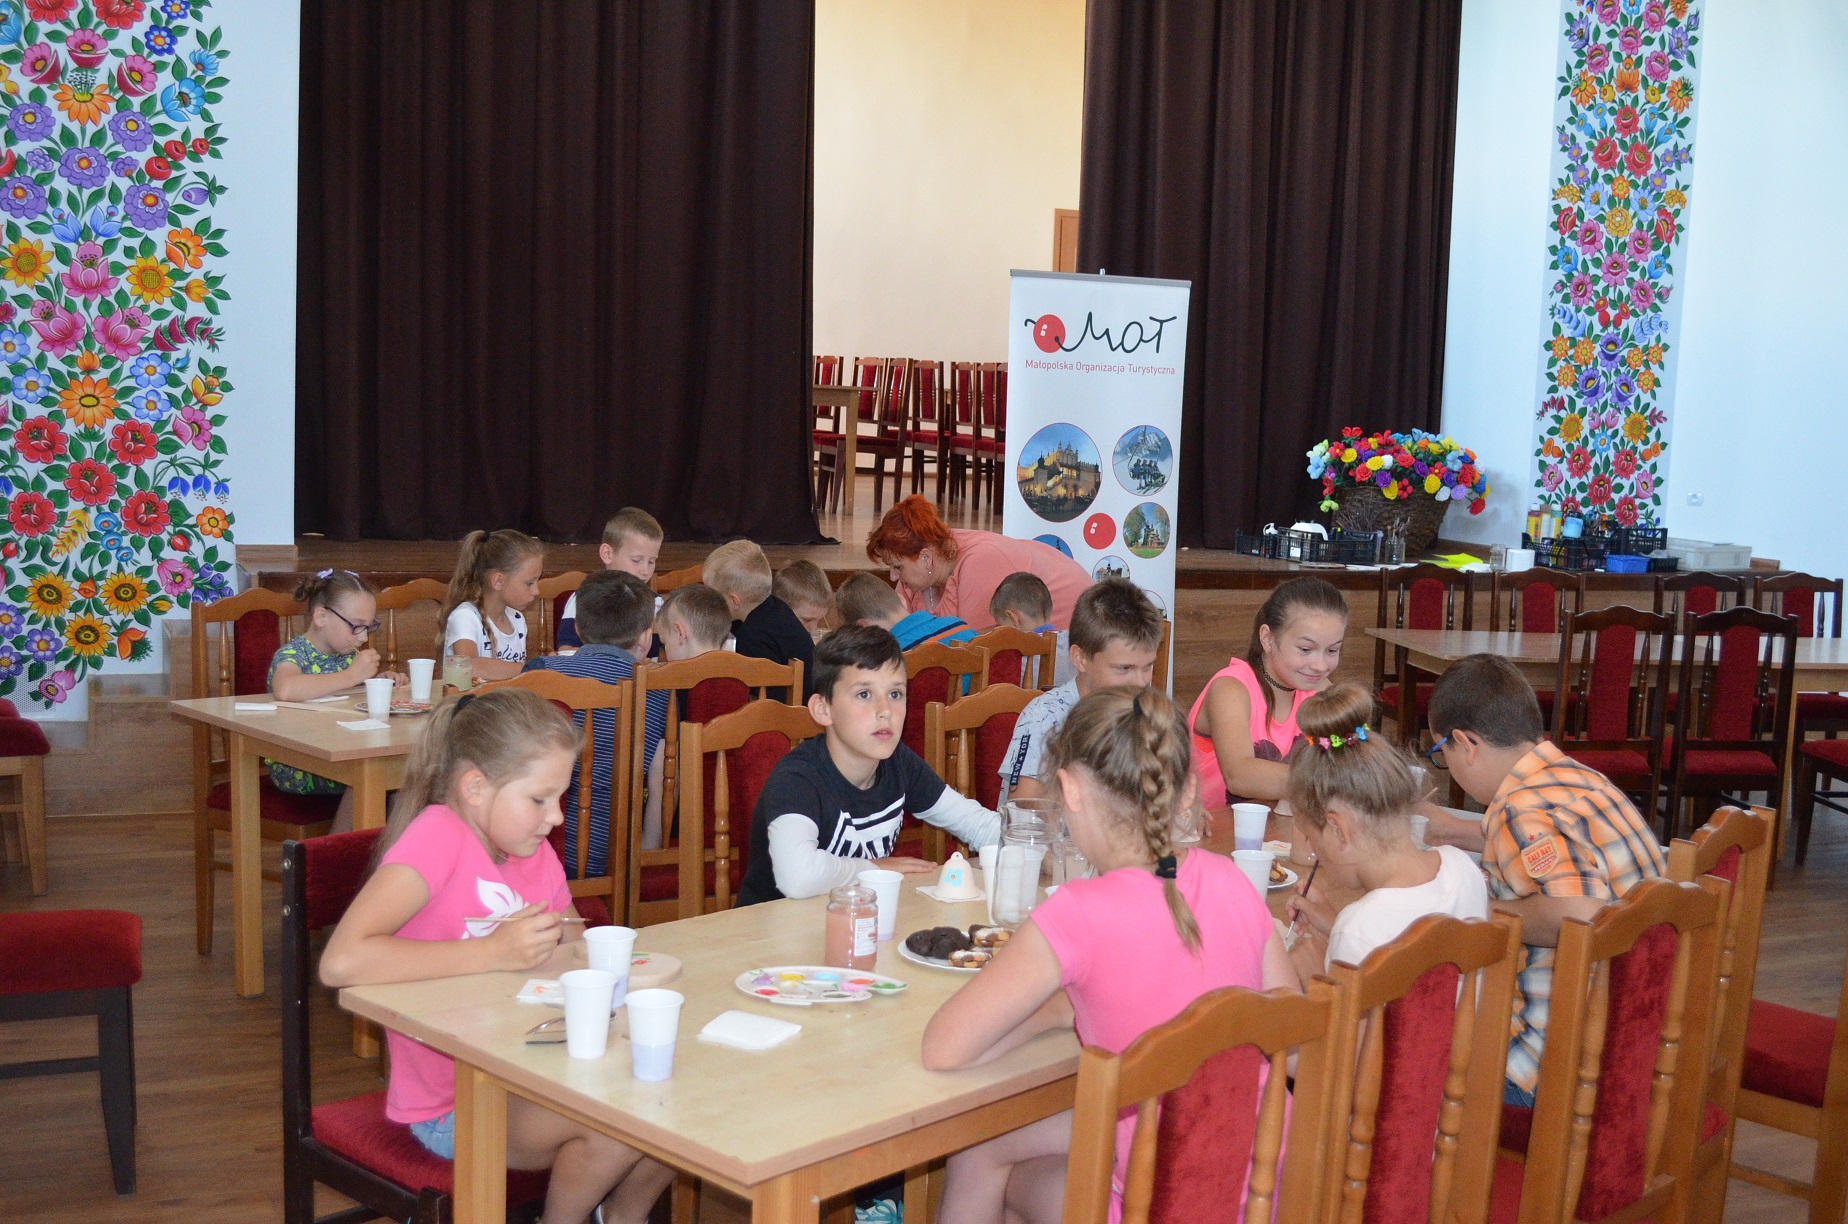 Duża sala. W niej kilka stołów, przy których siedzą dzieci. W dłoniach trzymają pędzle